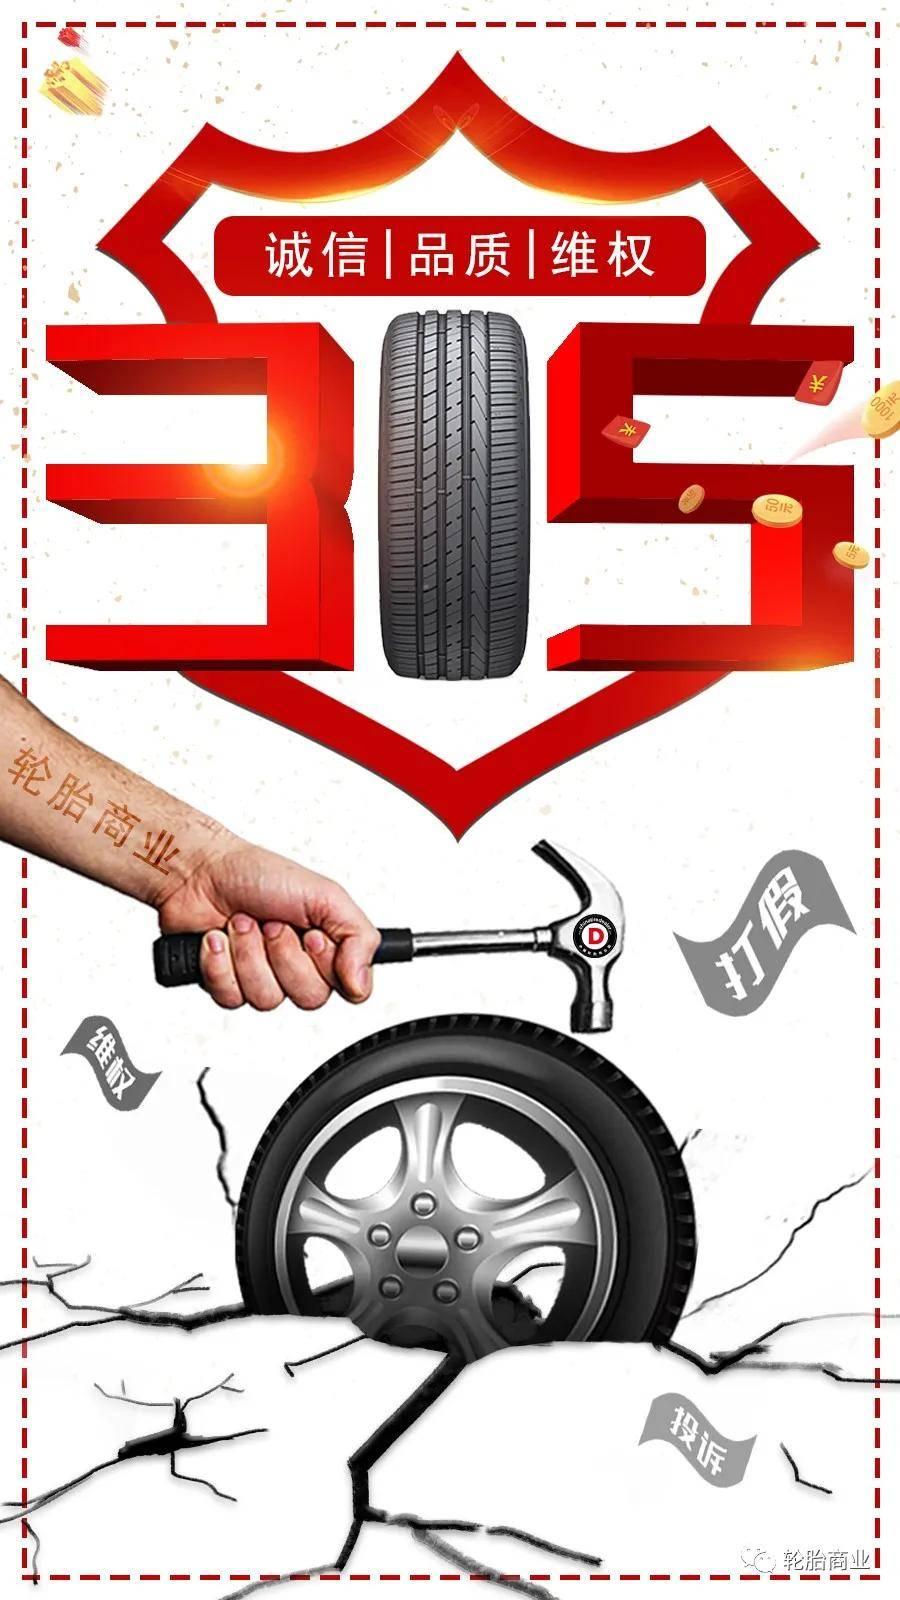 315排行_轮胎315-2021投诉排行榜!